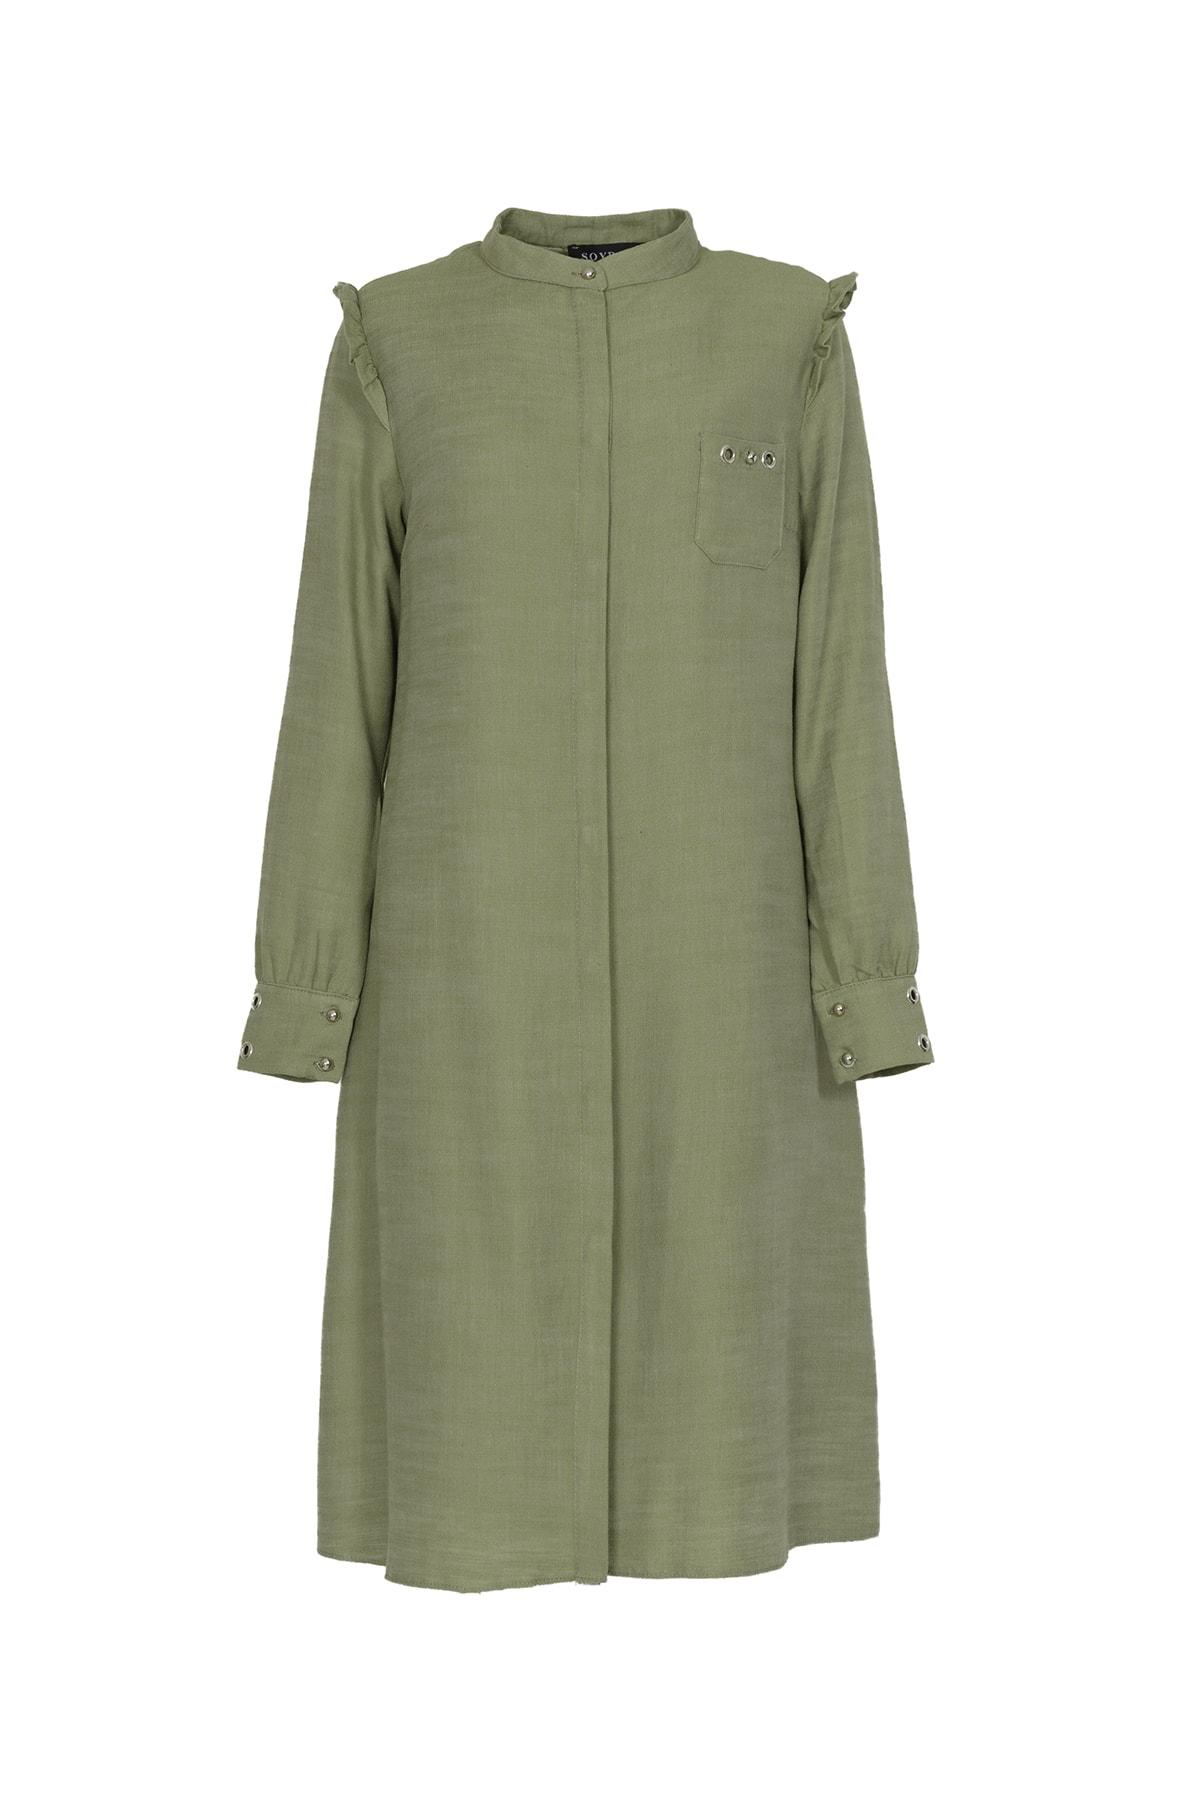 Kadın Yeşil Gizli Patlı Pamuk Gömlek Tunik 6001